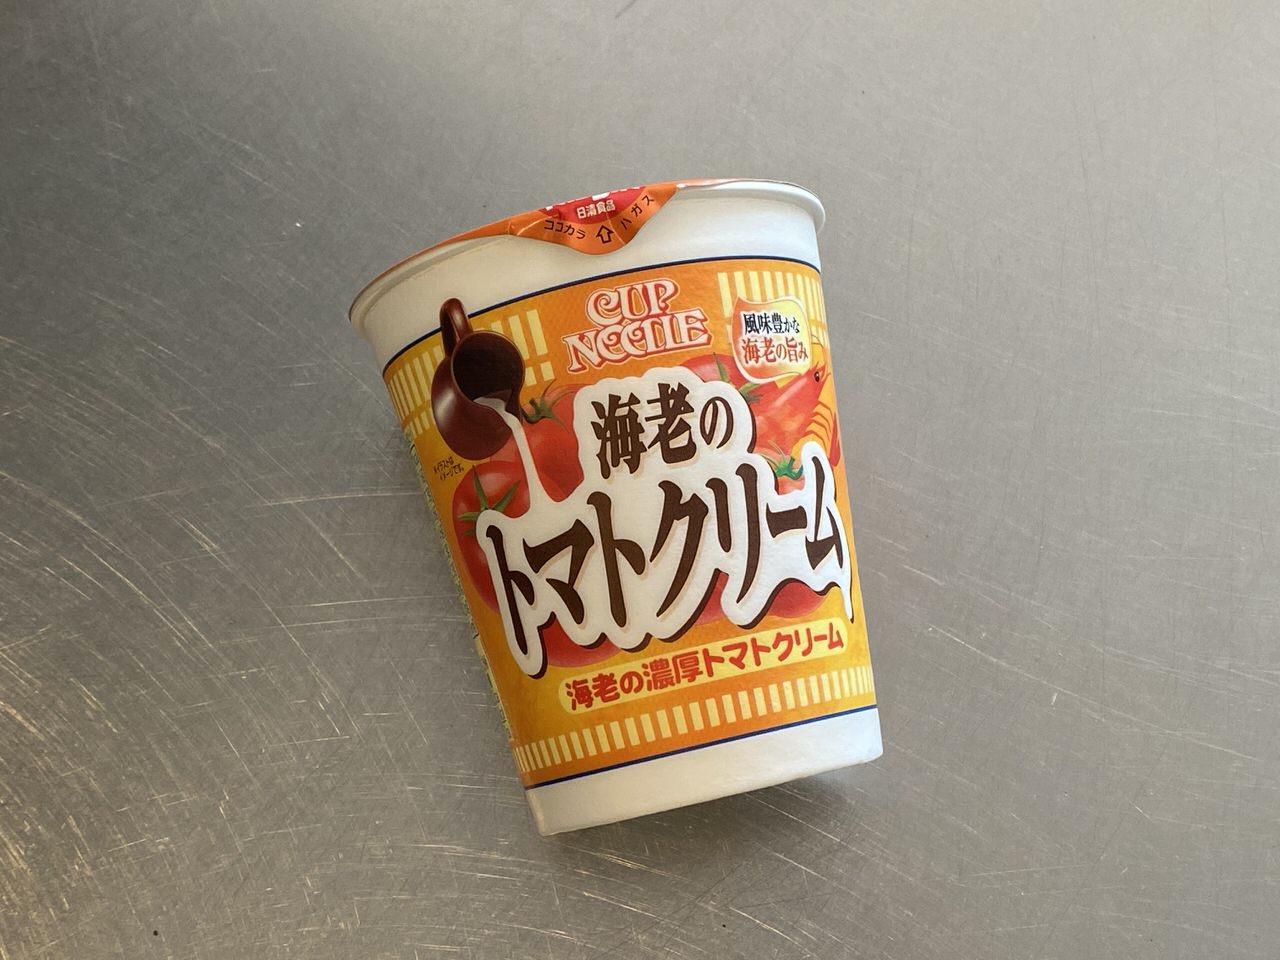 「カップヌードル 海老の濃厚トマトクリーム」海老の旨味にトマトの酸味が濃厚なクリームソースはまるでパスタ?